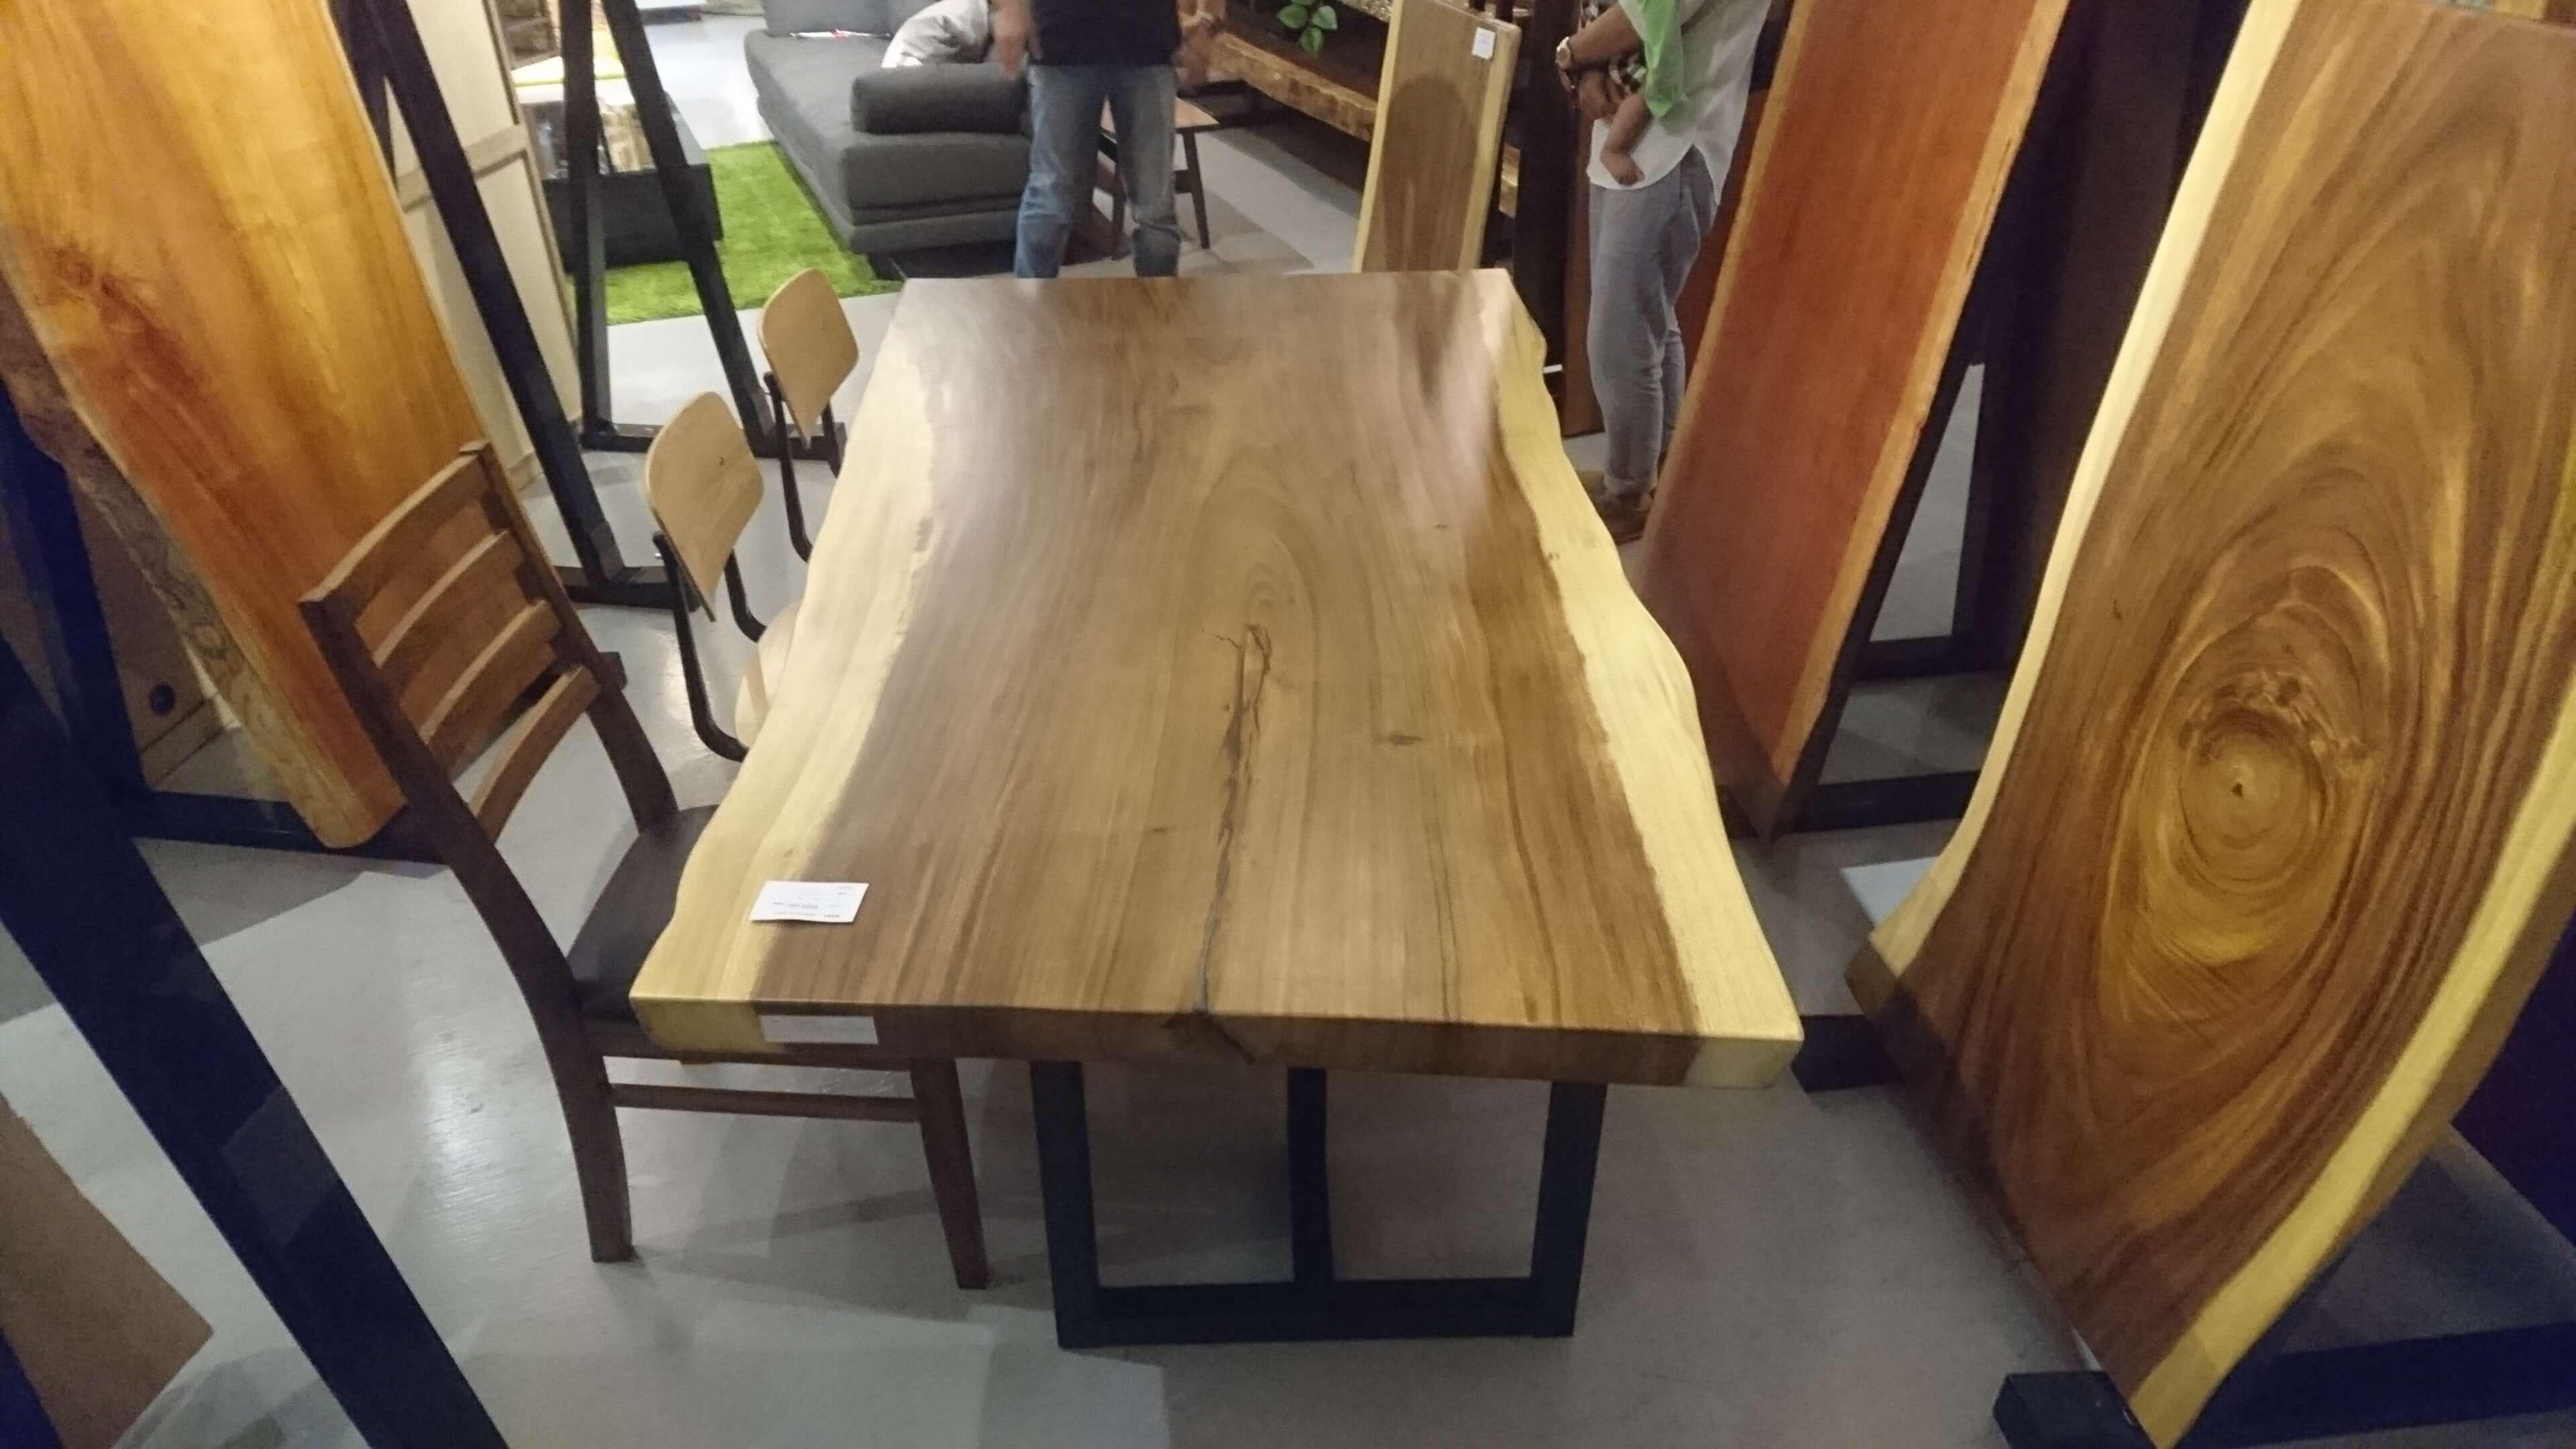 大川木工祭はインターネット価格で良い家具が購入できるお祭りでした♪